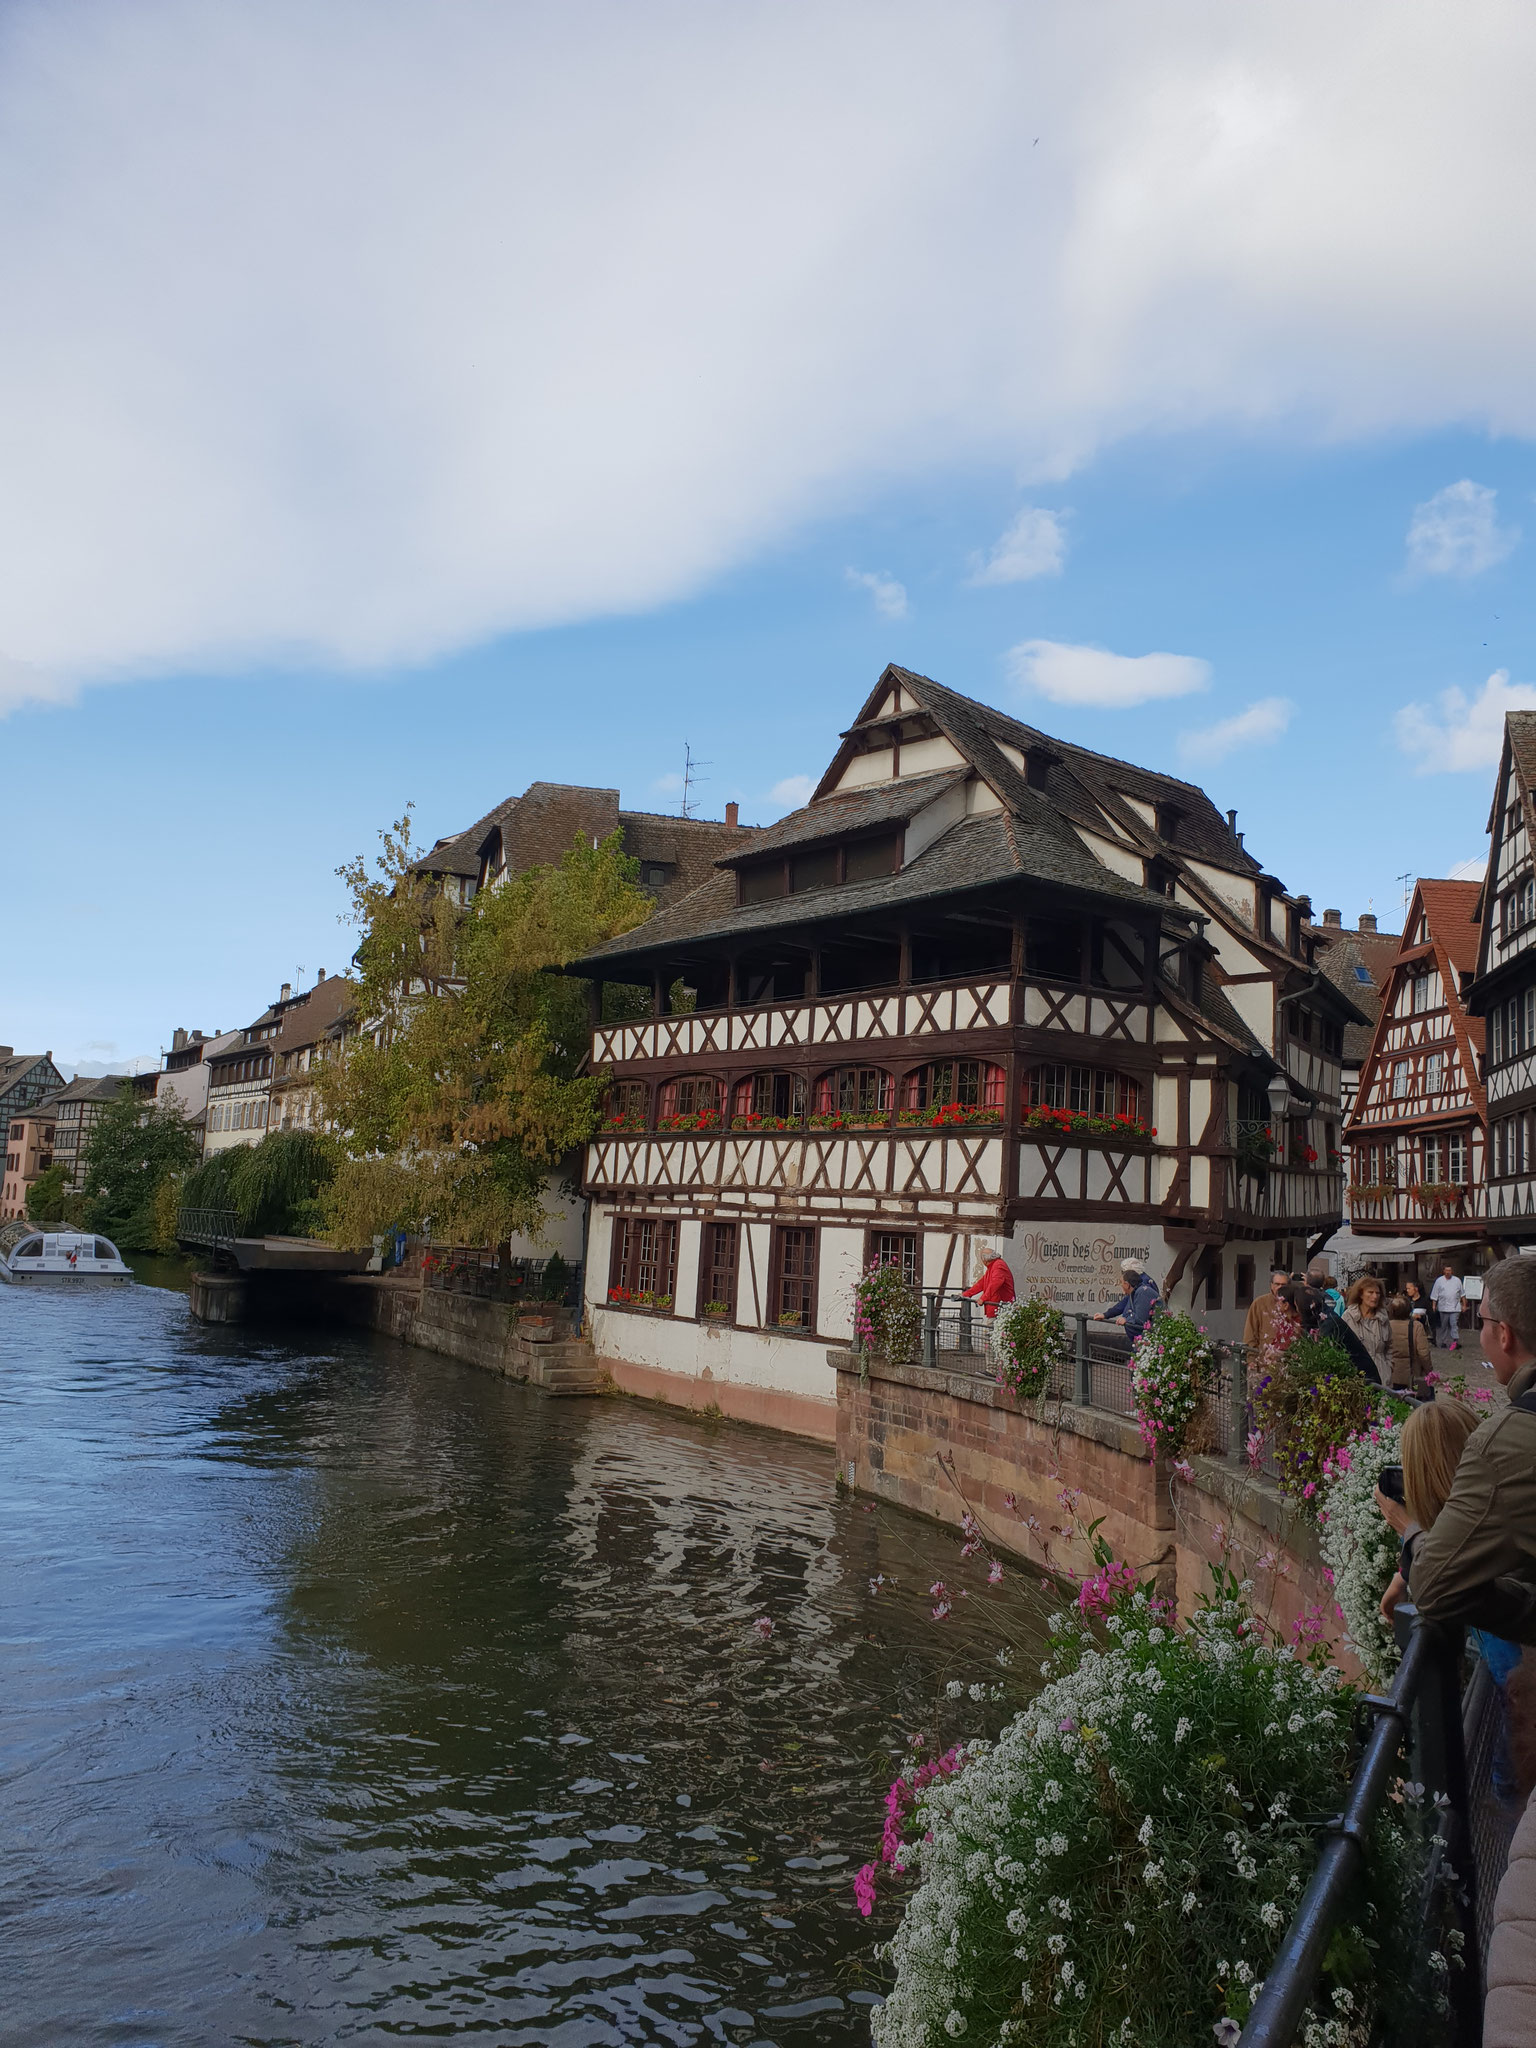 Stimmungsvoll: das Viertel Klein Paris in Straßburg